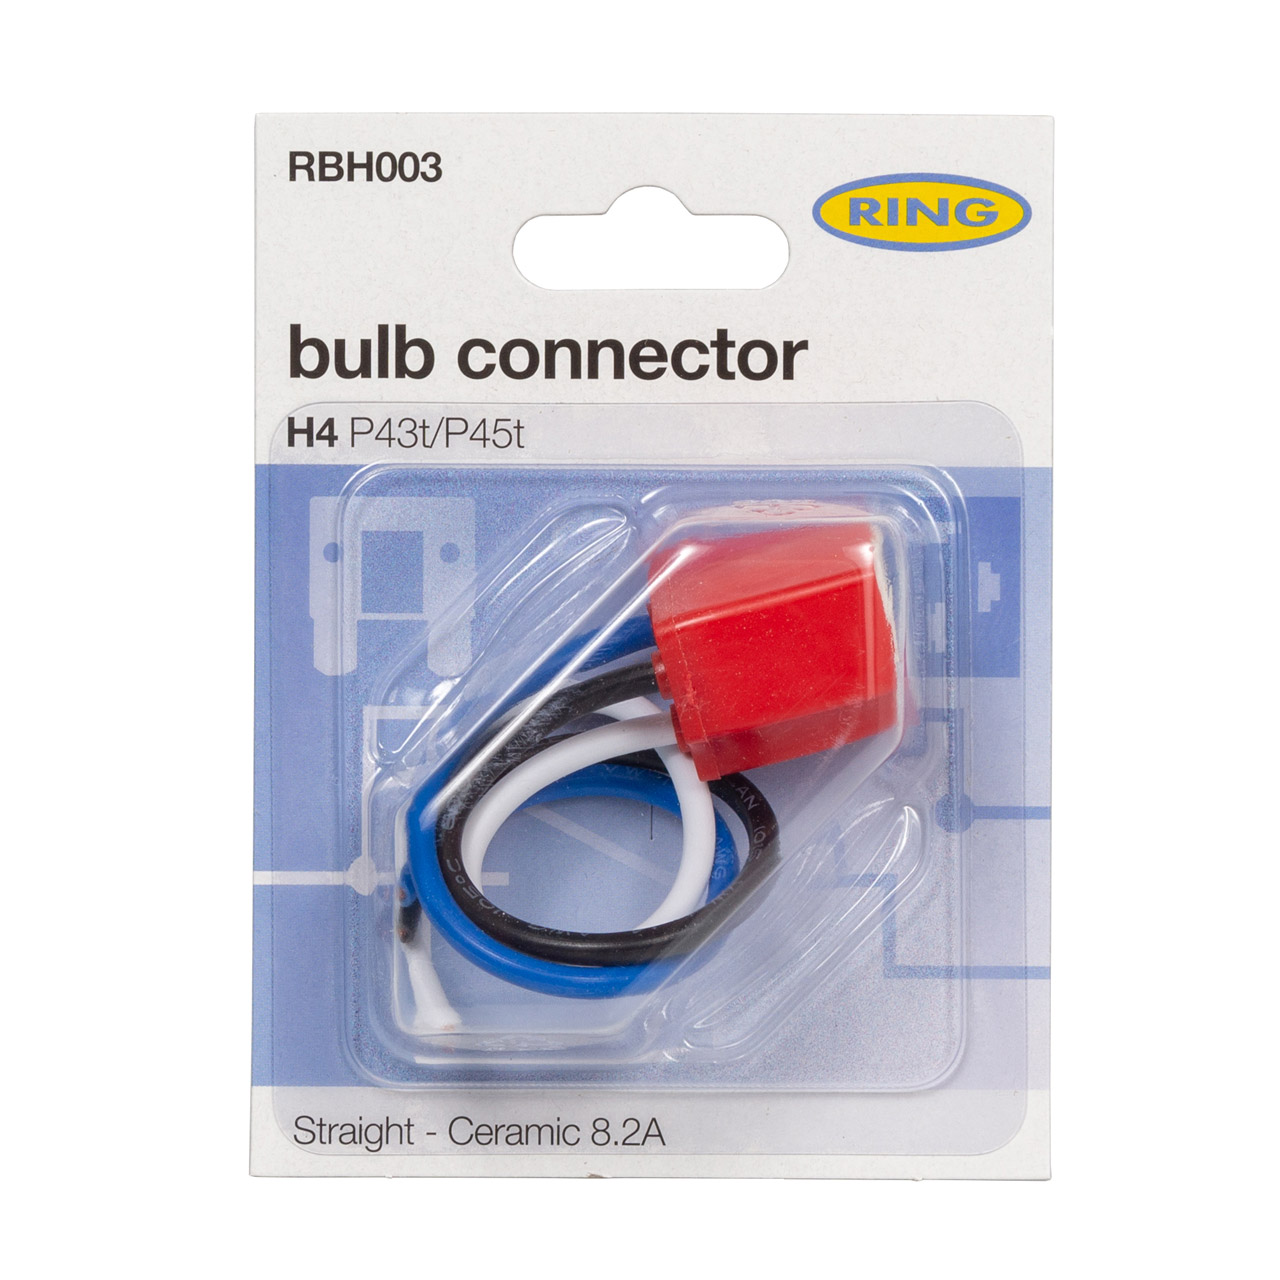 RING RBH003 Stecker Hauptscheinwerfer Fassung Lampenfassung Keramik Sockel H4